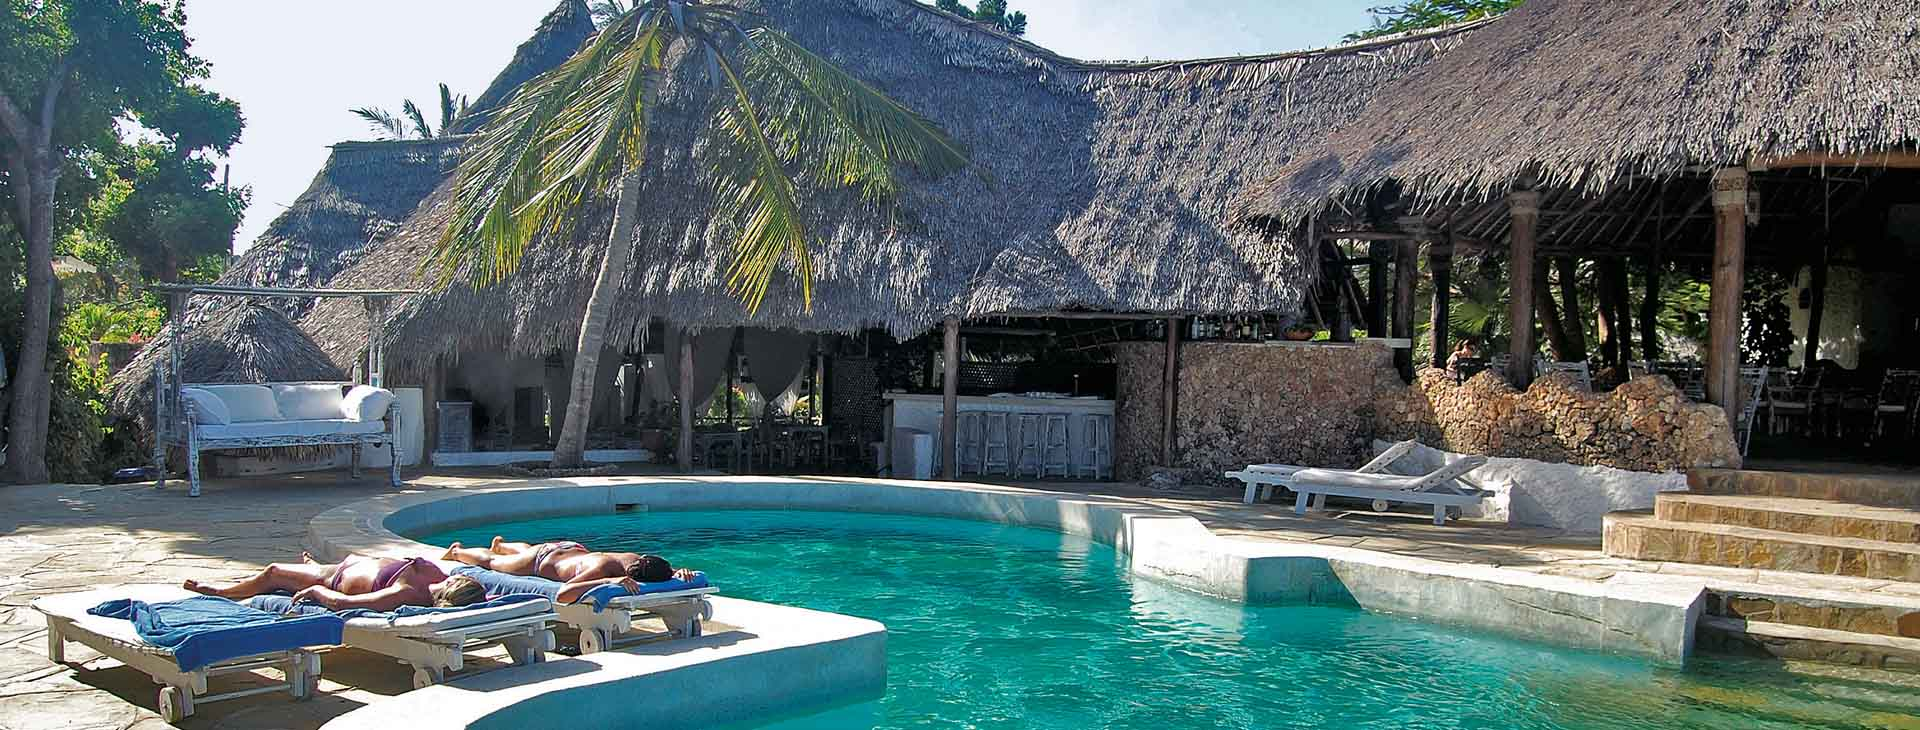 Powitanie z Afryką / Stephanie Ocean Resort Kenia, Wyc. objazdowe